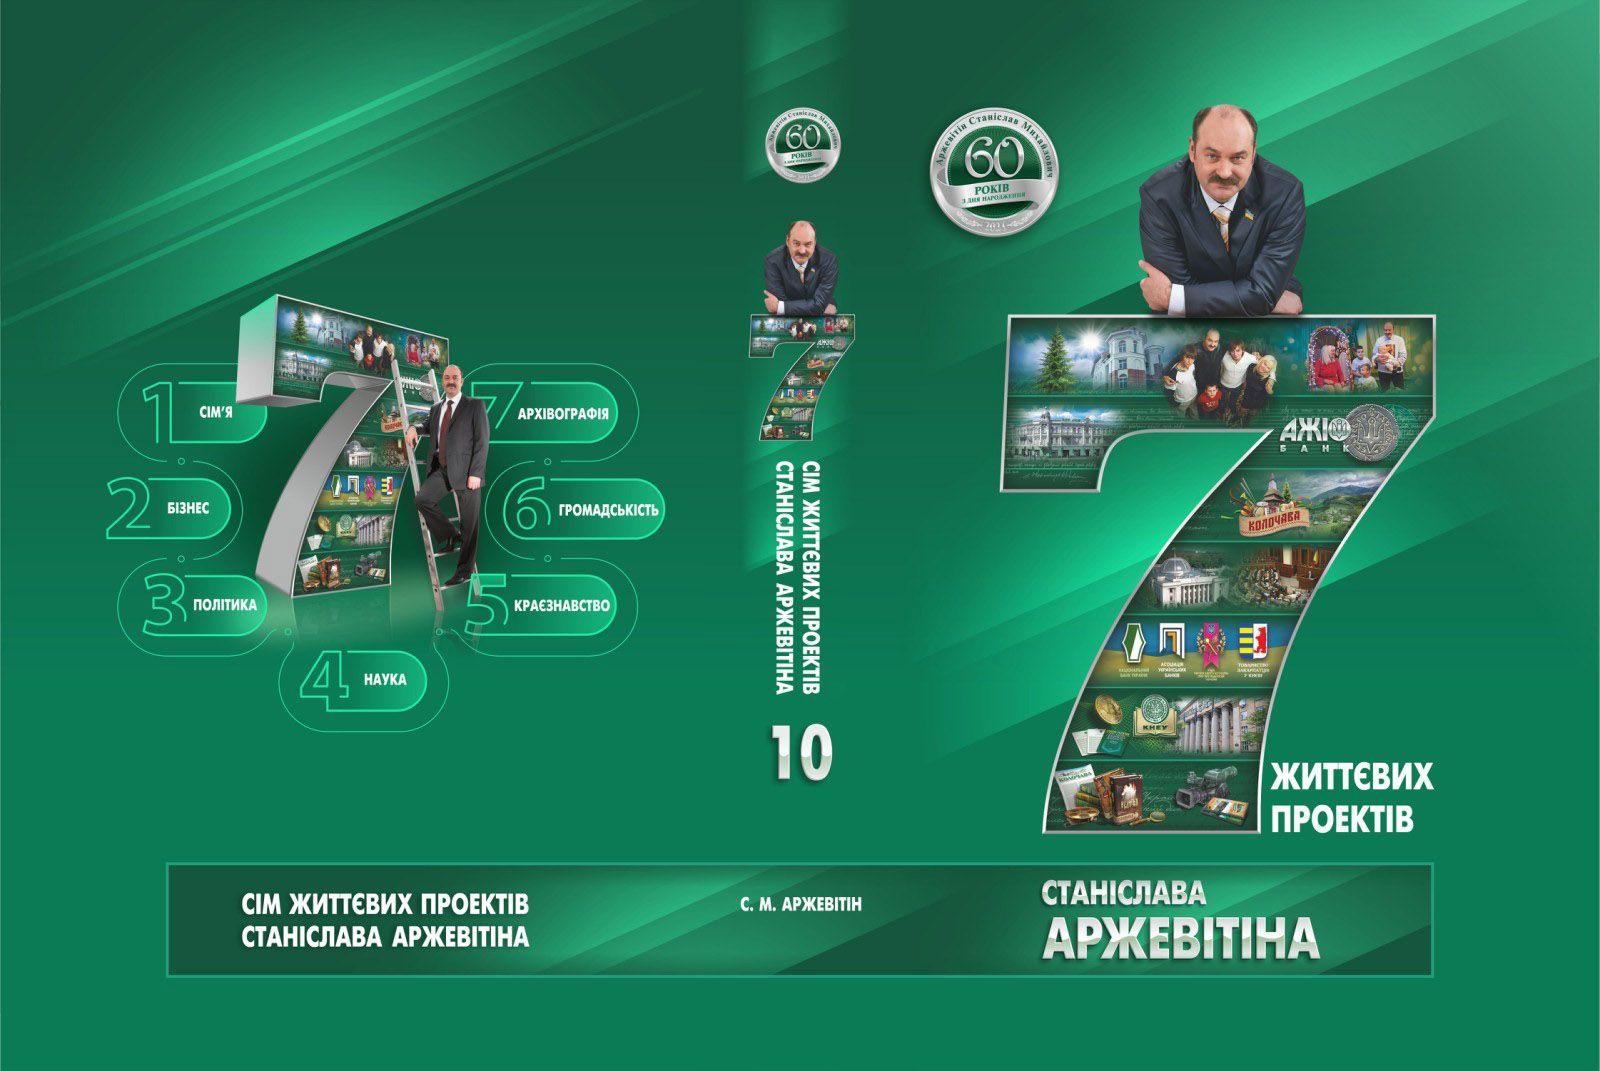 Семь проектов Аржевитина